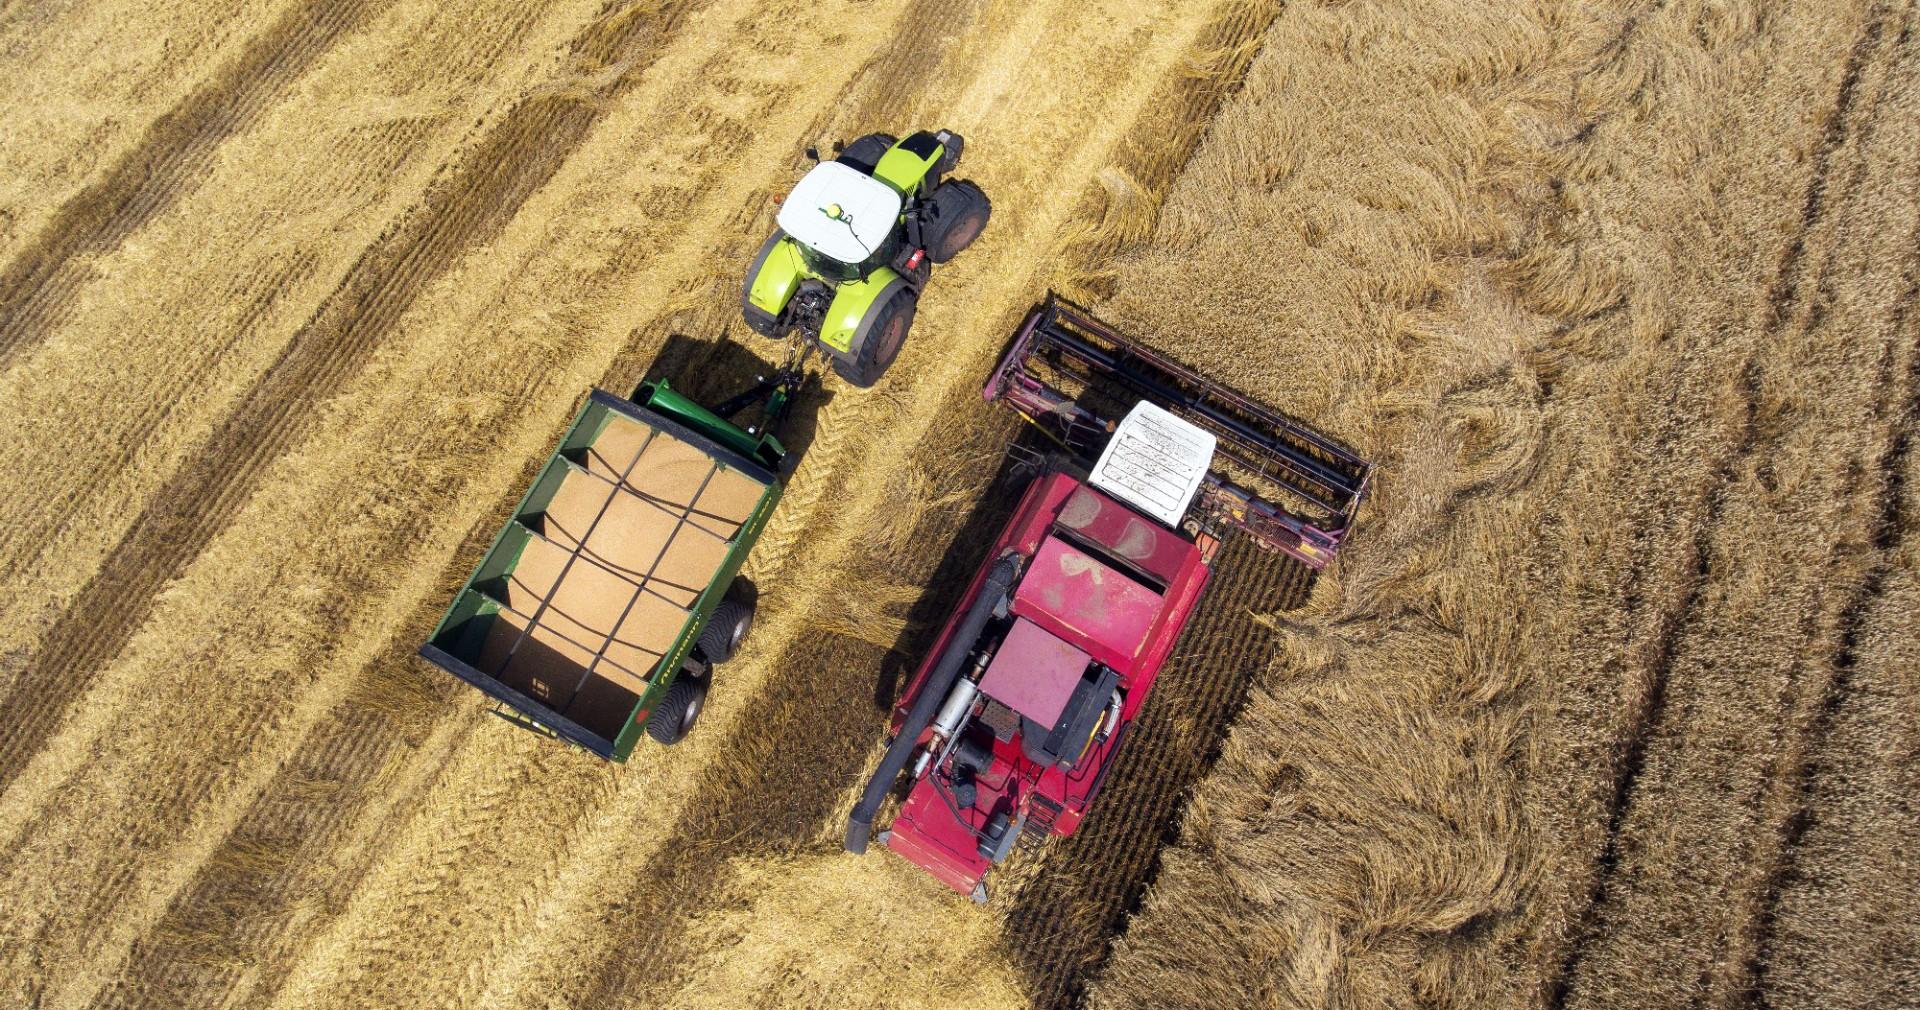 grain-transfer-trailer-25-31-3